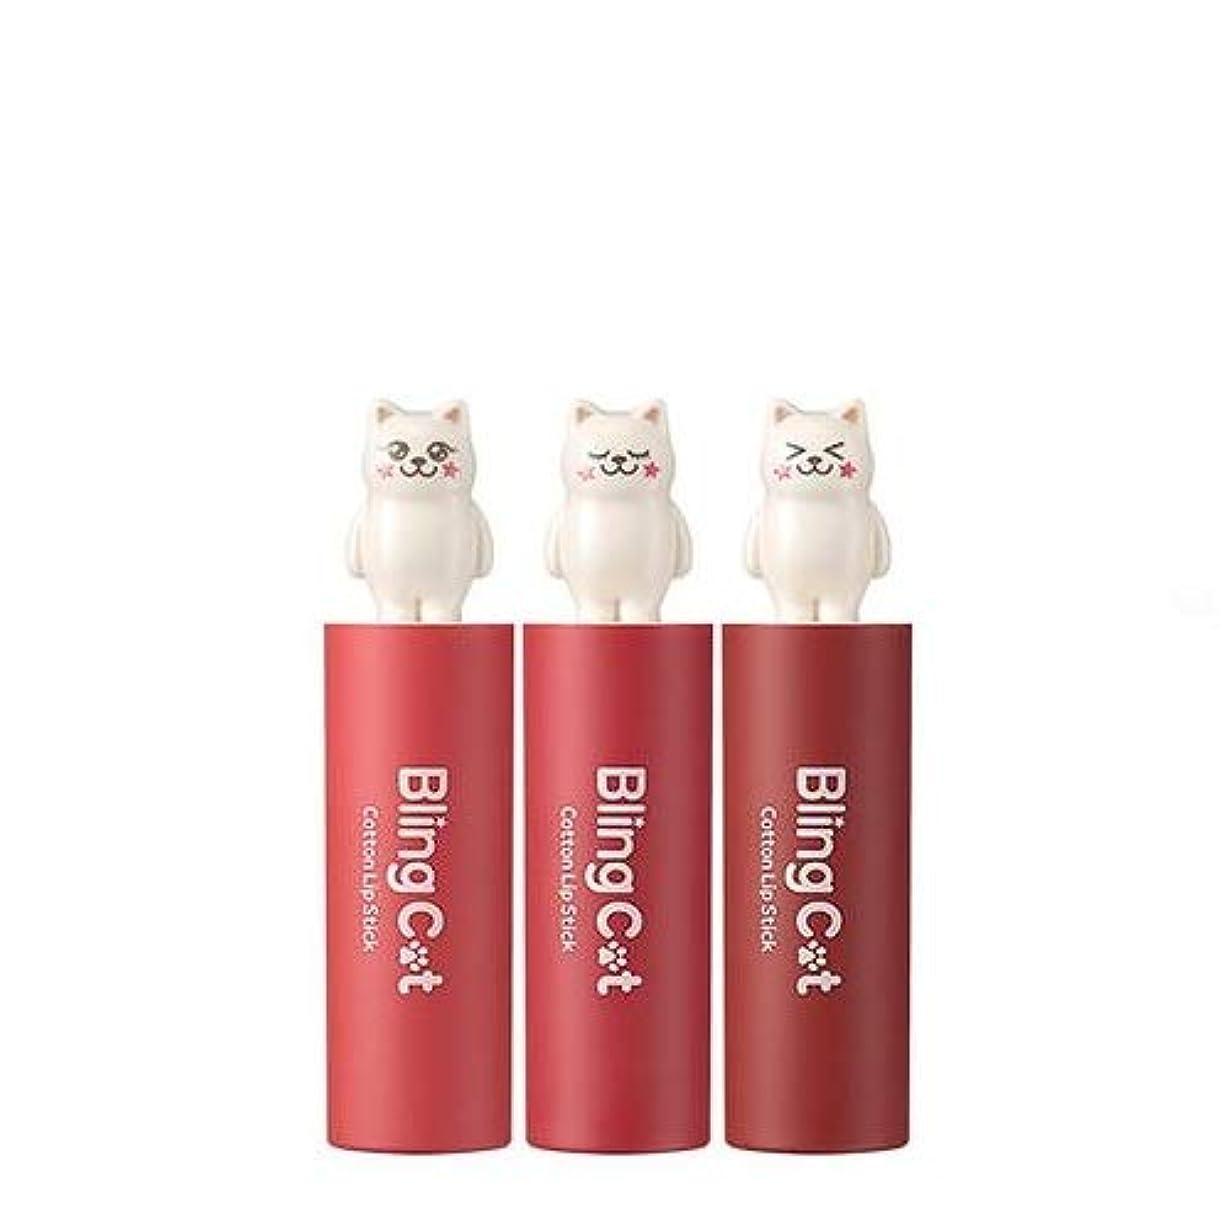 カーフ臨検廊下トニーモリー ブリングキャット コットン リップスティック 3.4g / TONYMOLY Bling Cat Cotton Lipstick # 10. Black Tea Plum [並行輸入品]